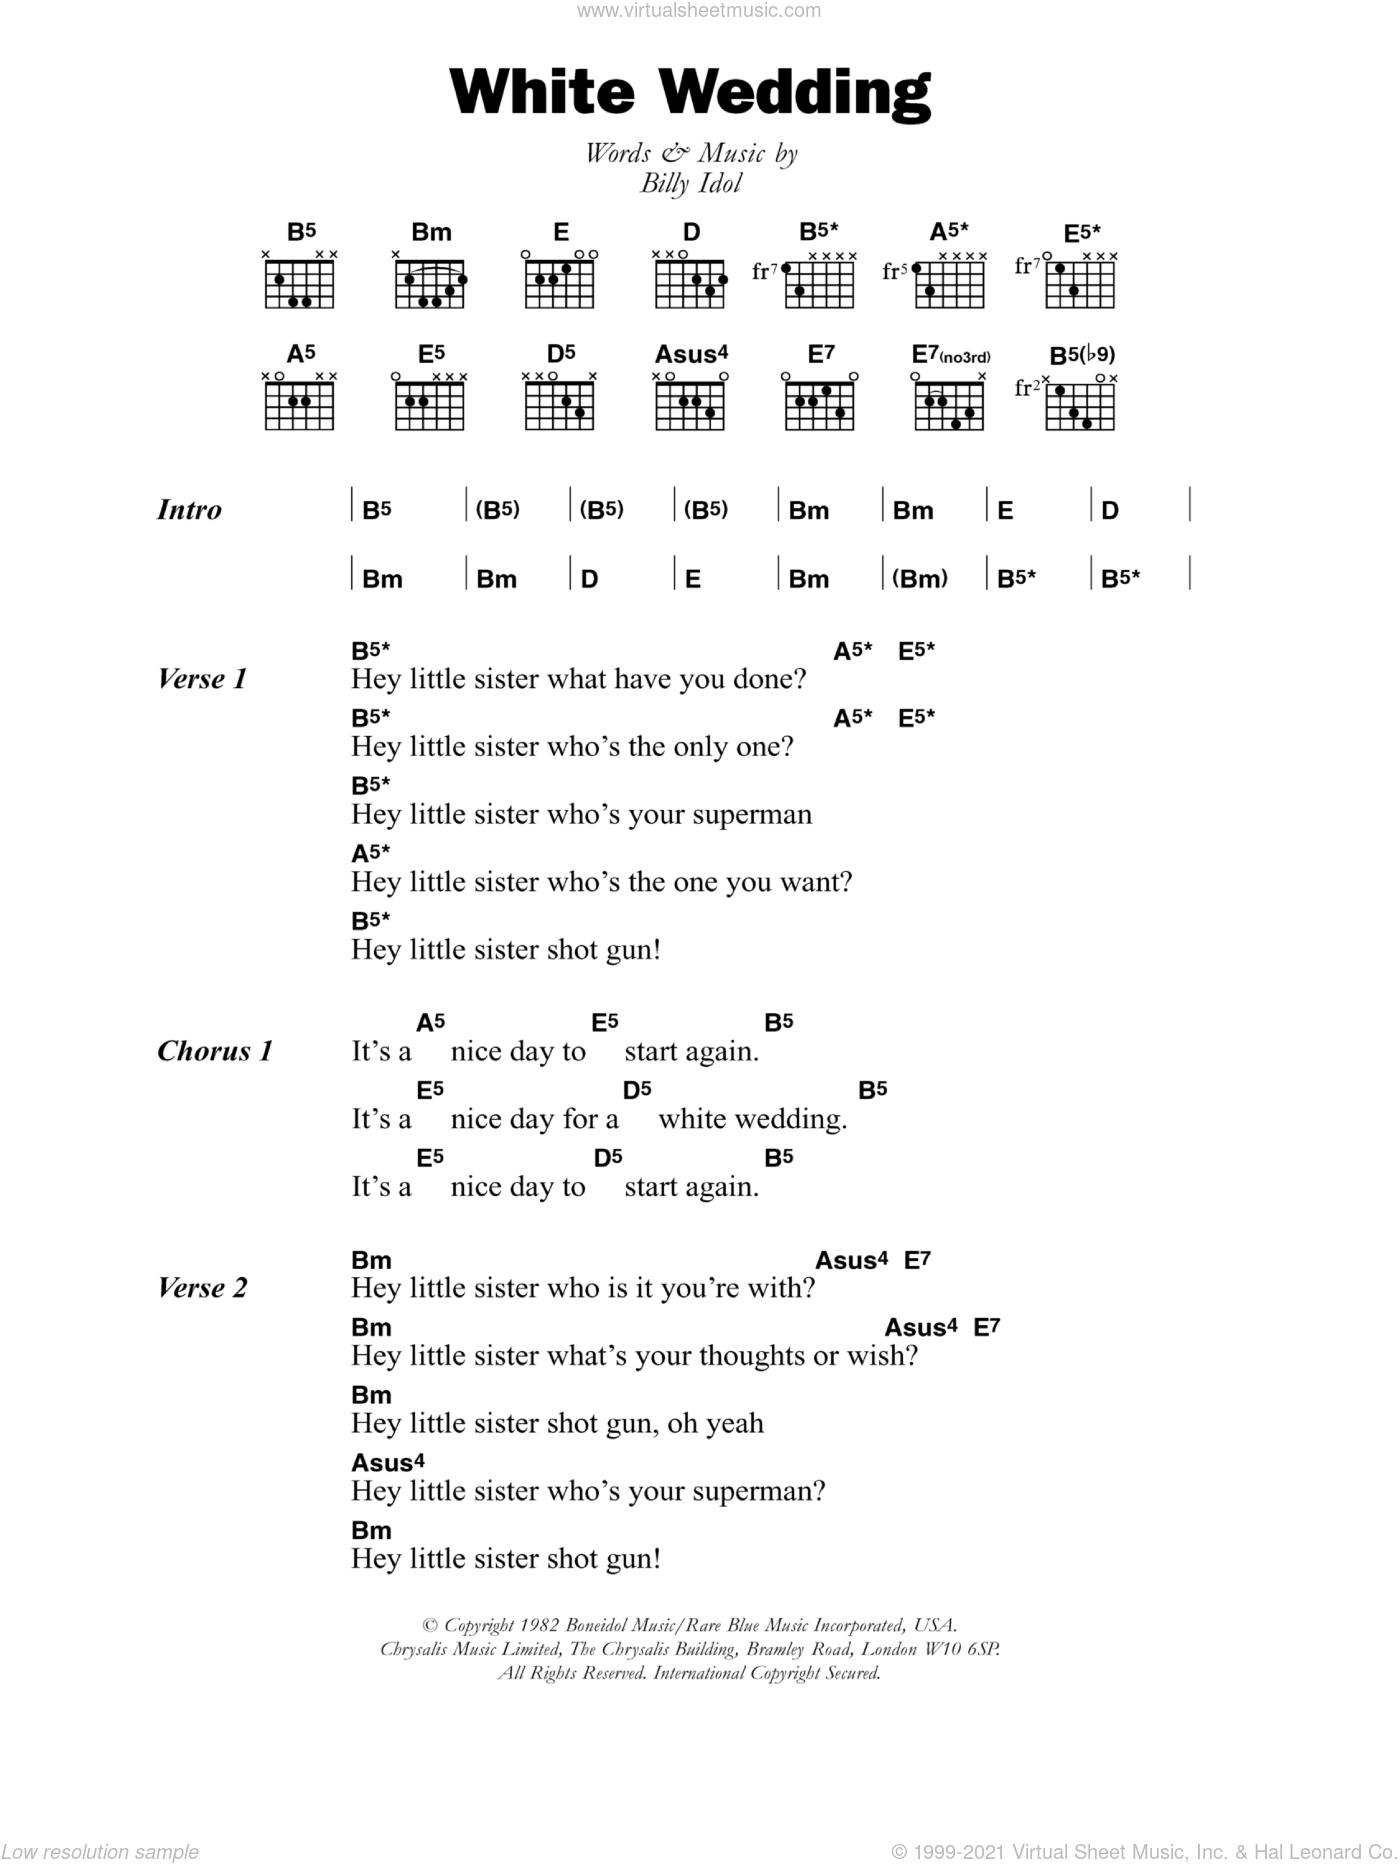 Idol White Wedding Sheet Music For Guitar Chords Pdf